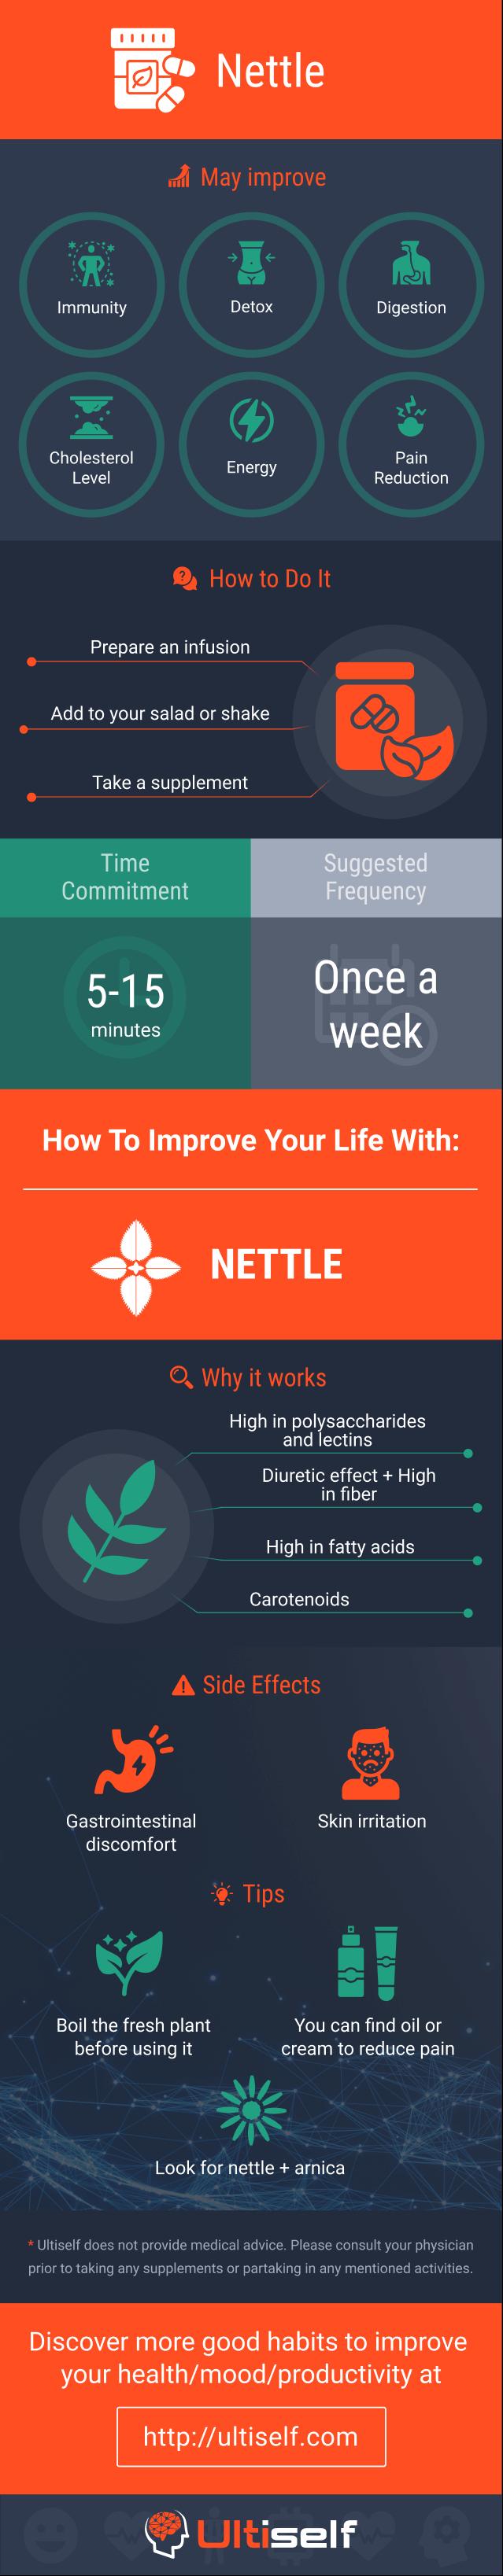 Nettle infographic